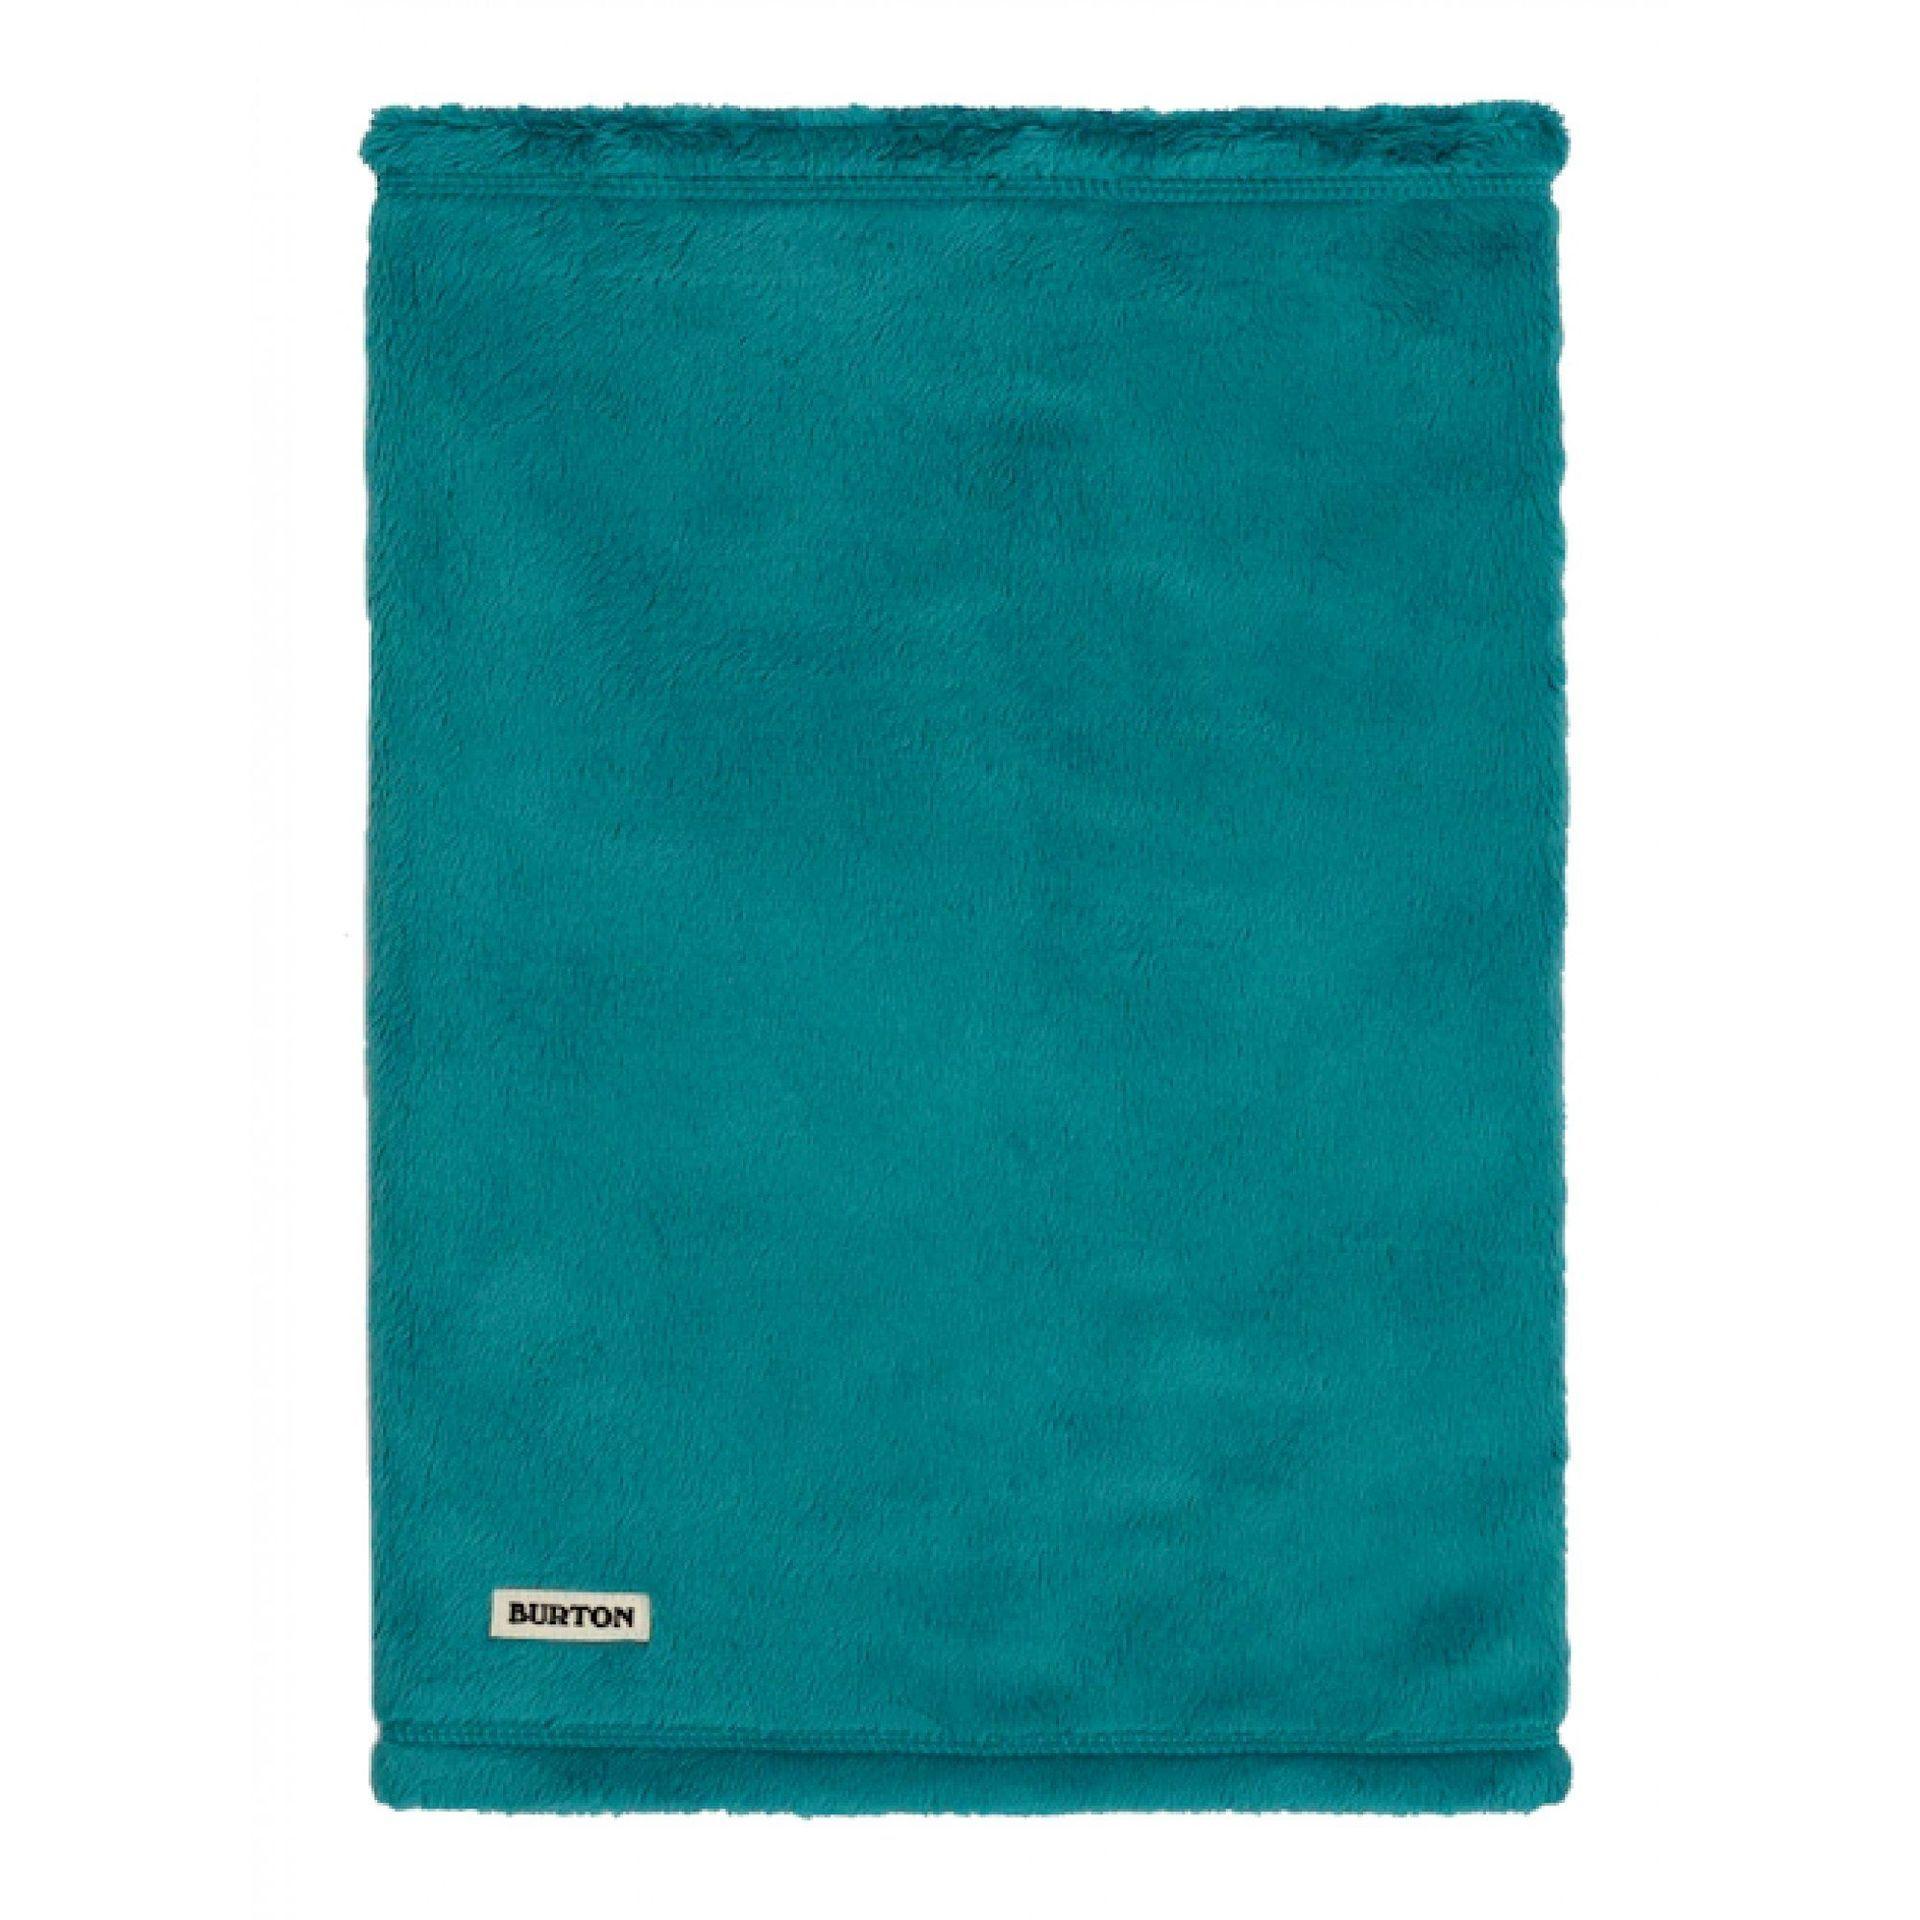 KOMIN BURTON CORA GREEN BLUE SLATE 152051 400